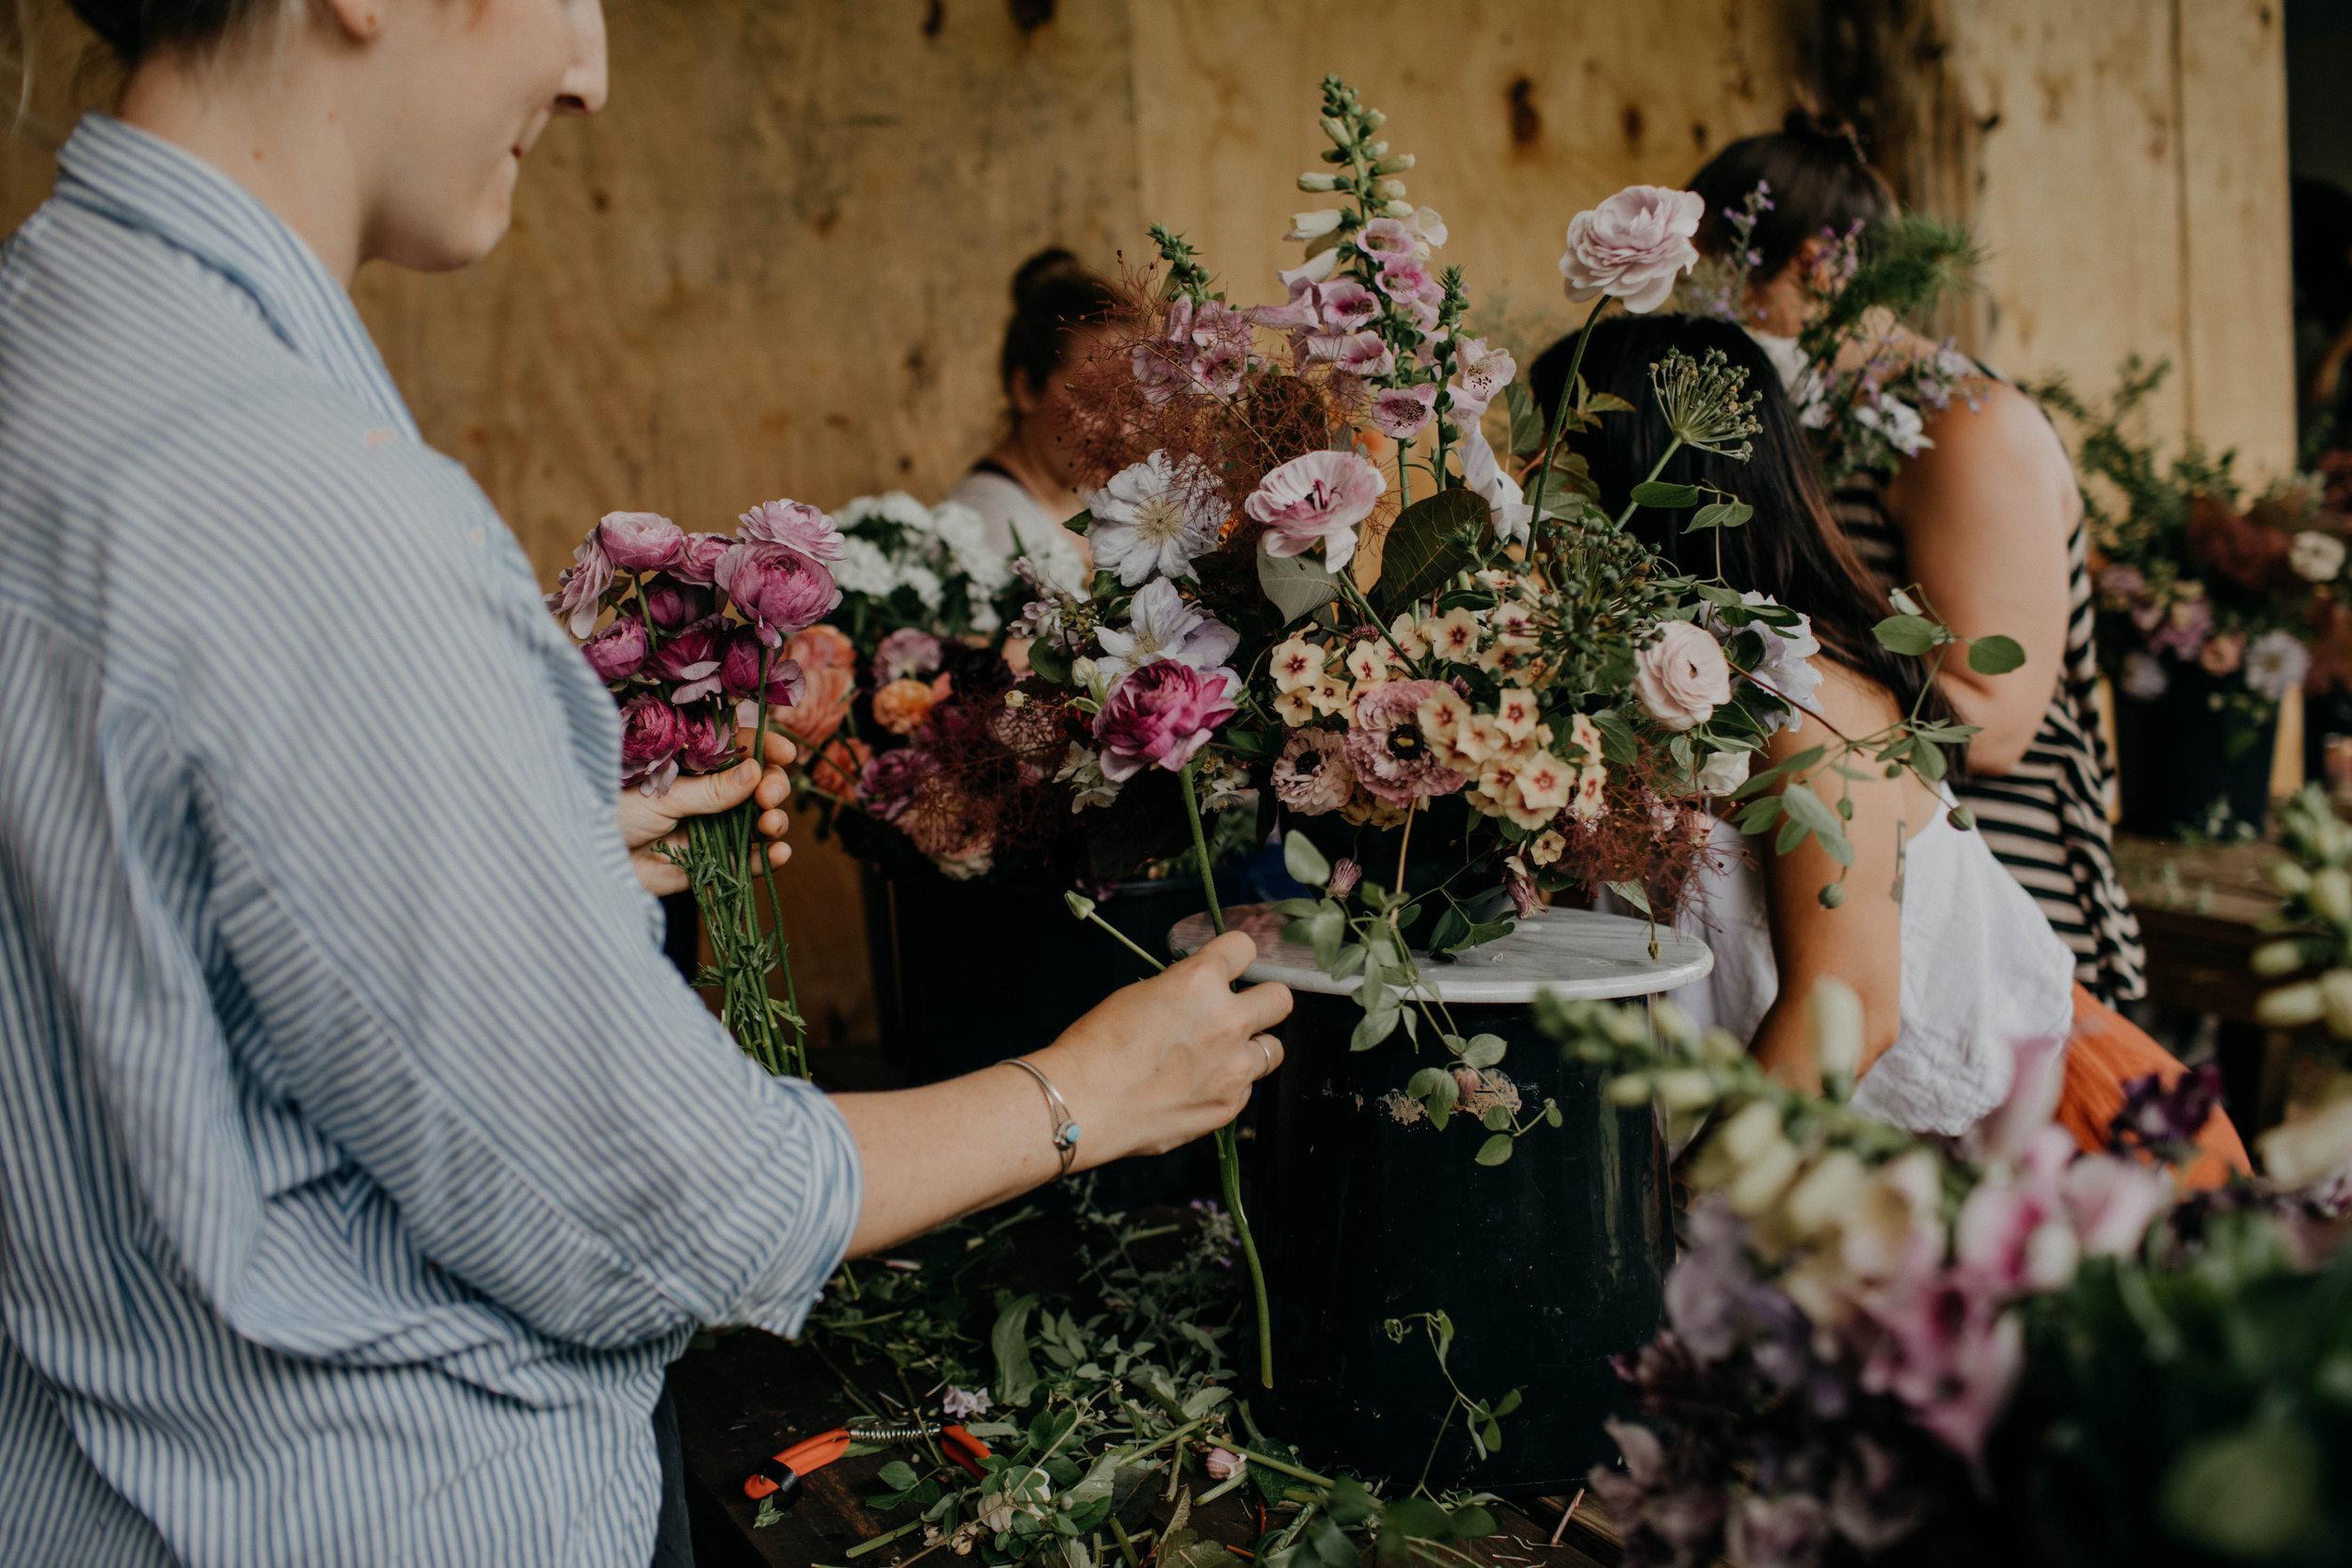 nashville floral workshop nashville tennessee wedding photographer58.jpg